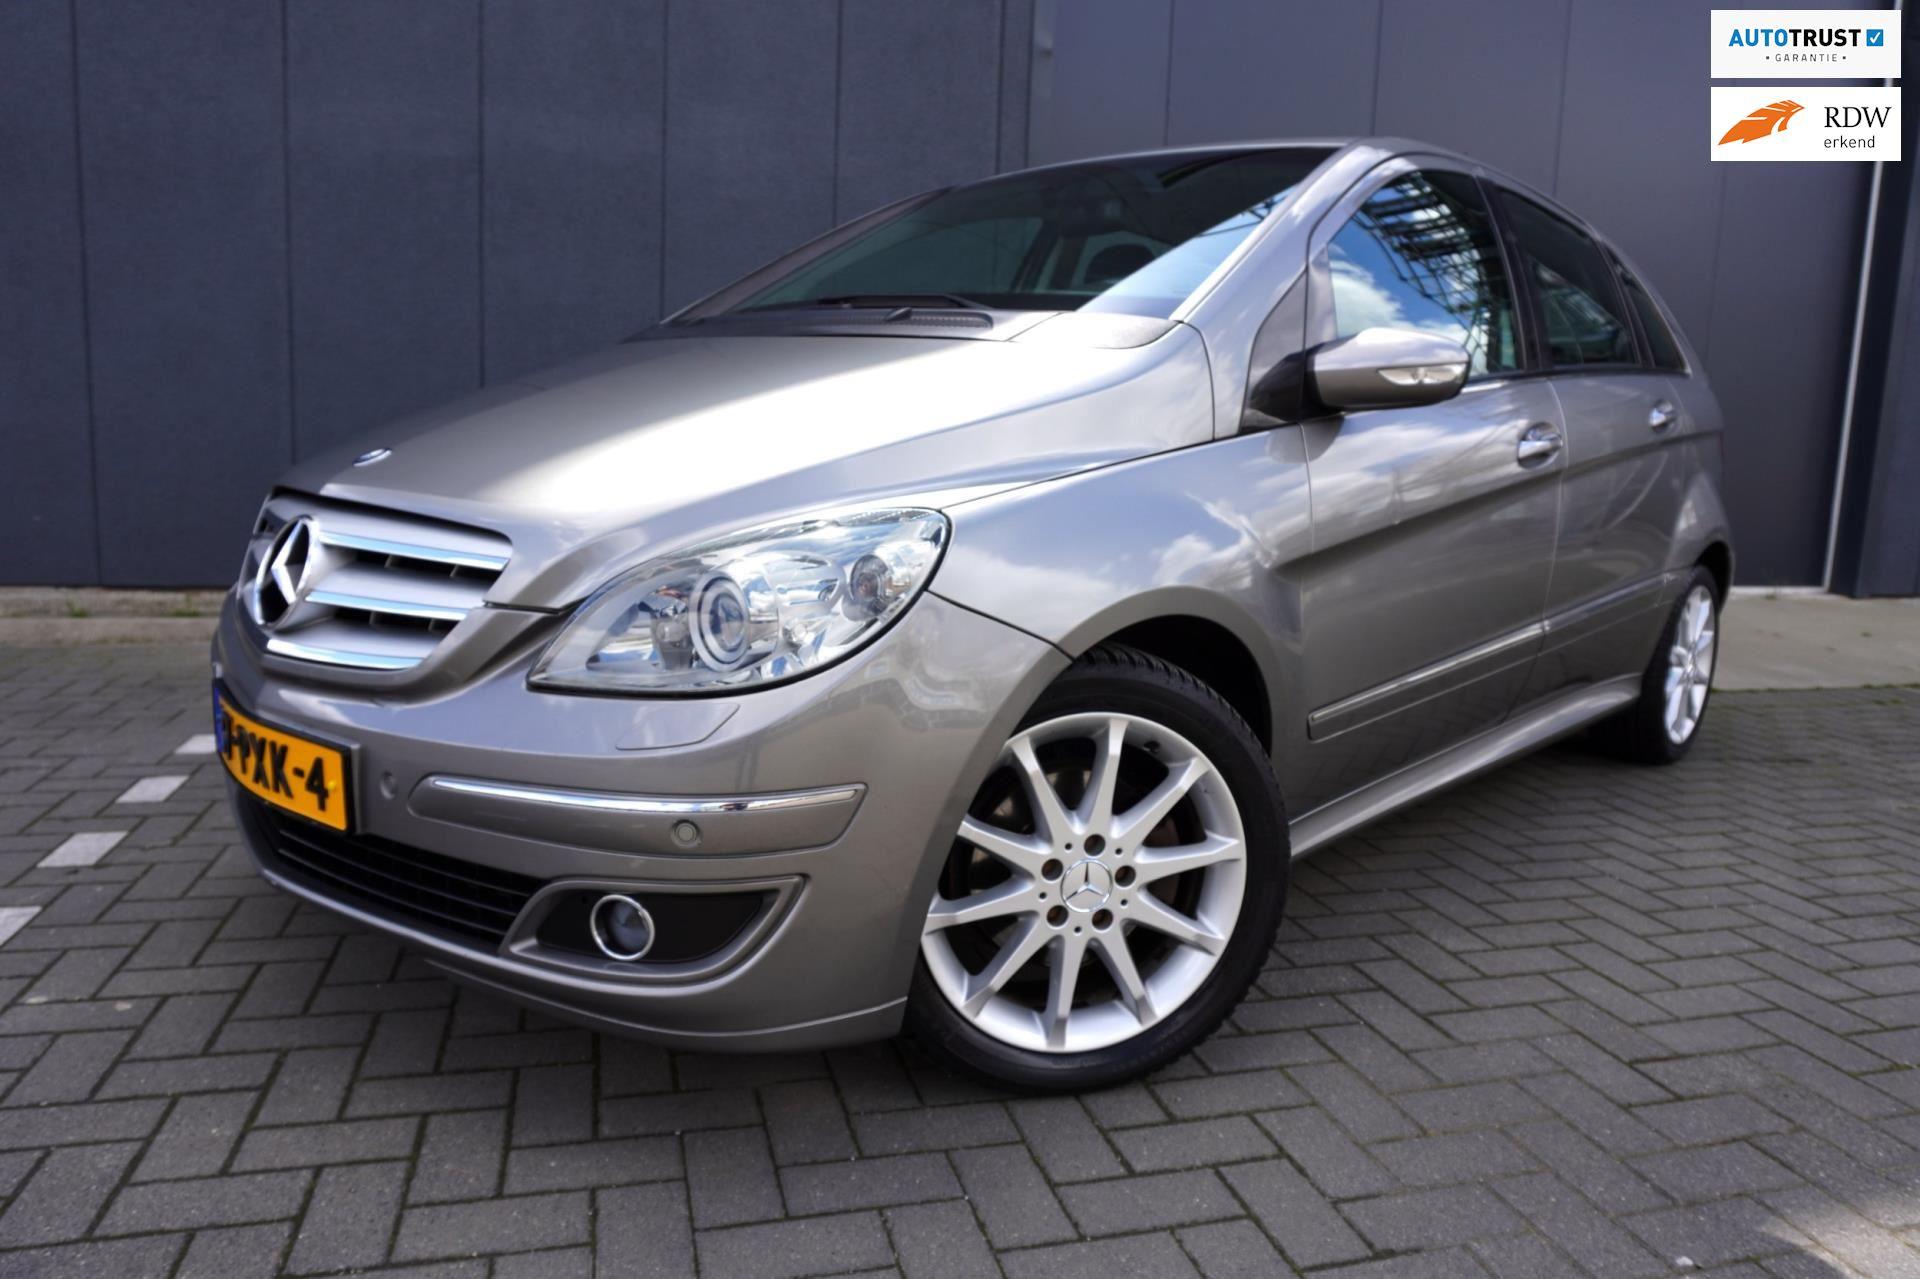 Mercedes-Benz B-klasse occasion - Proautoverkoop